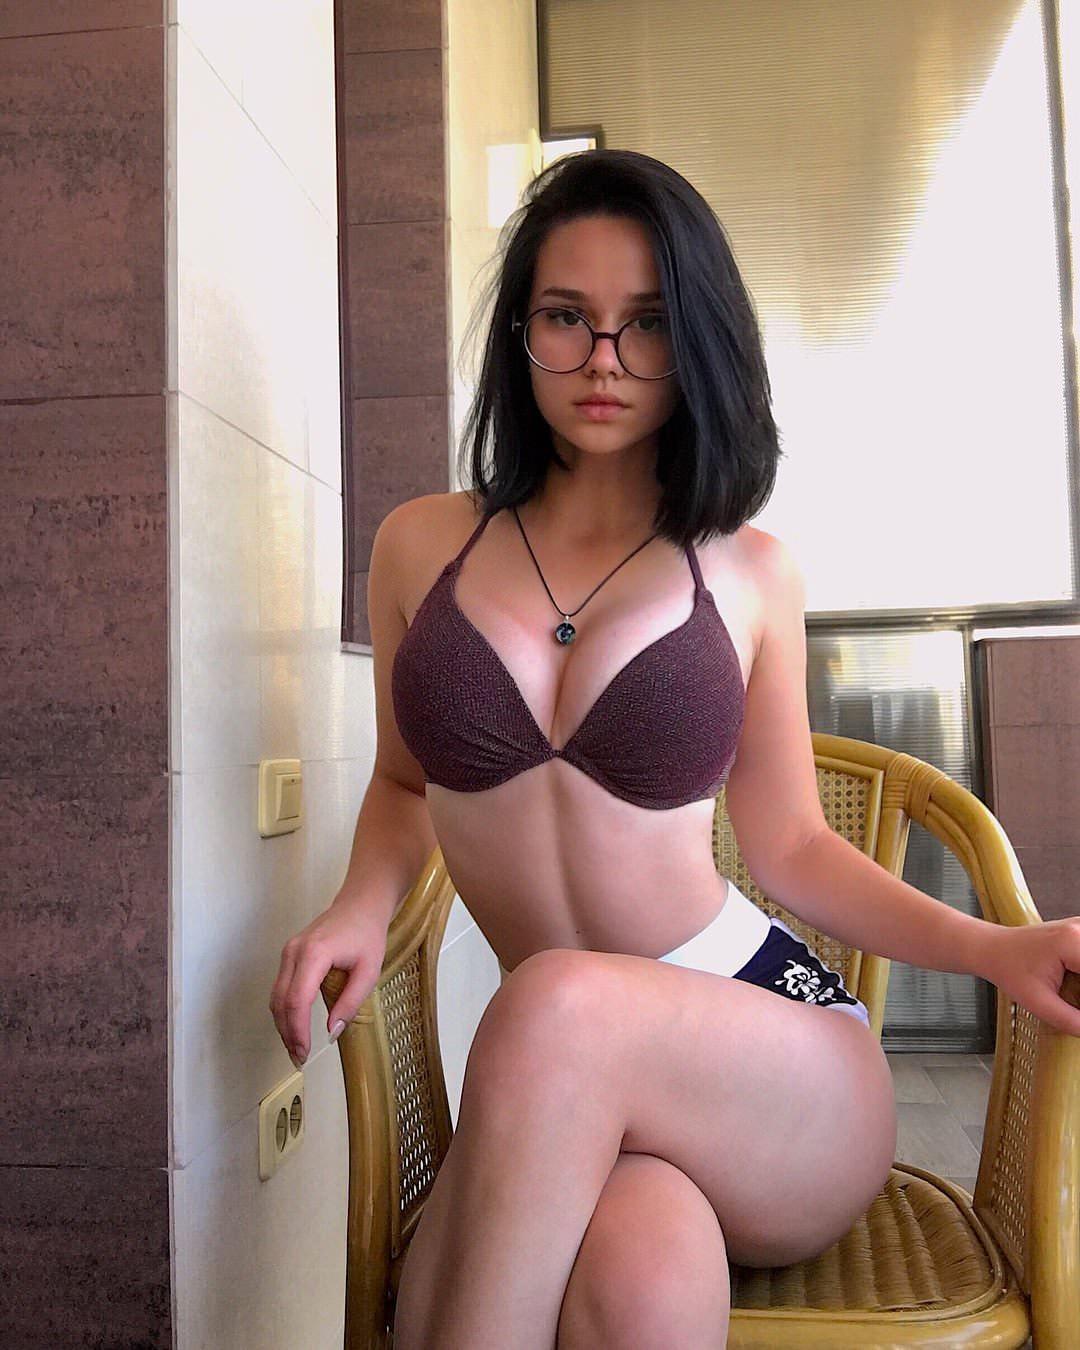 Actriz Porno Gafas señoras de instagram: alina zaleschenko – orgasmatrix